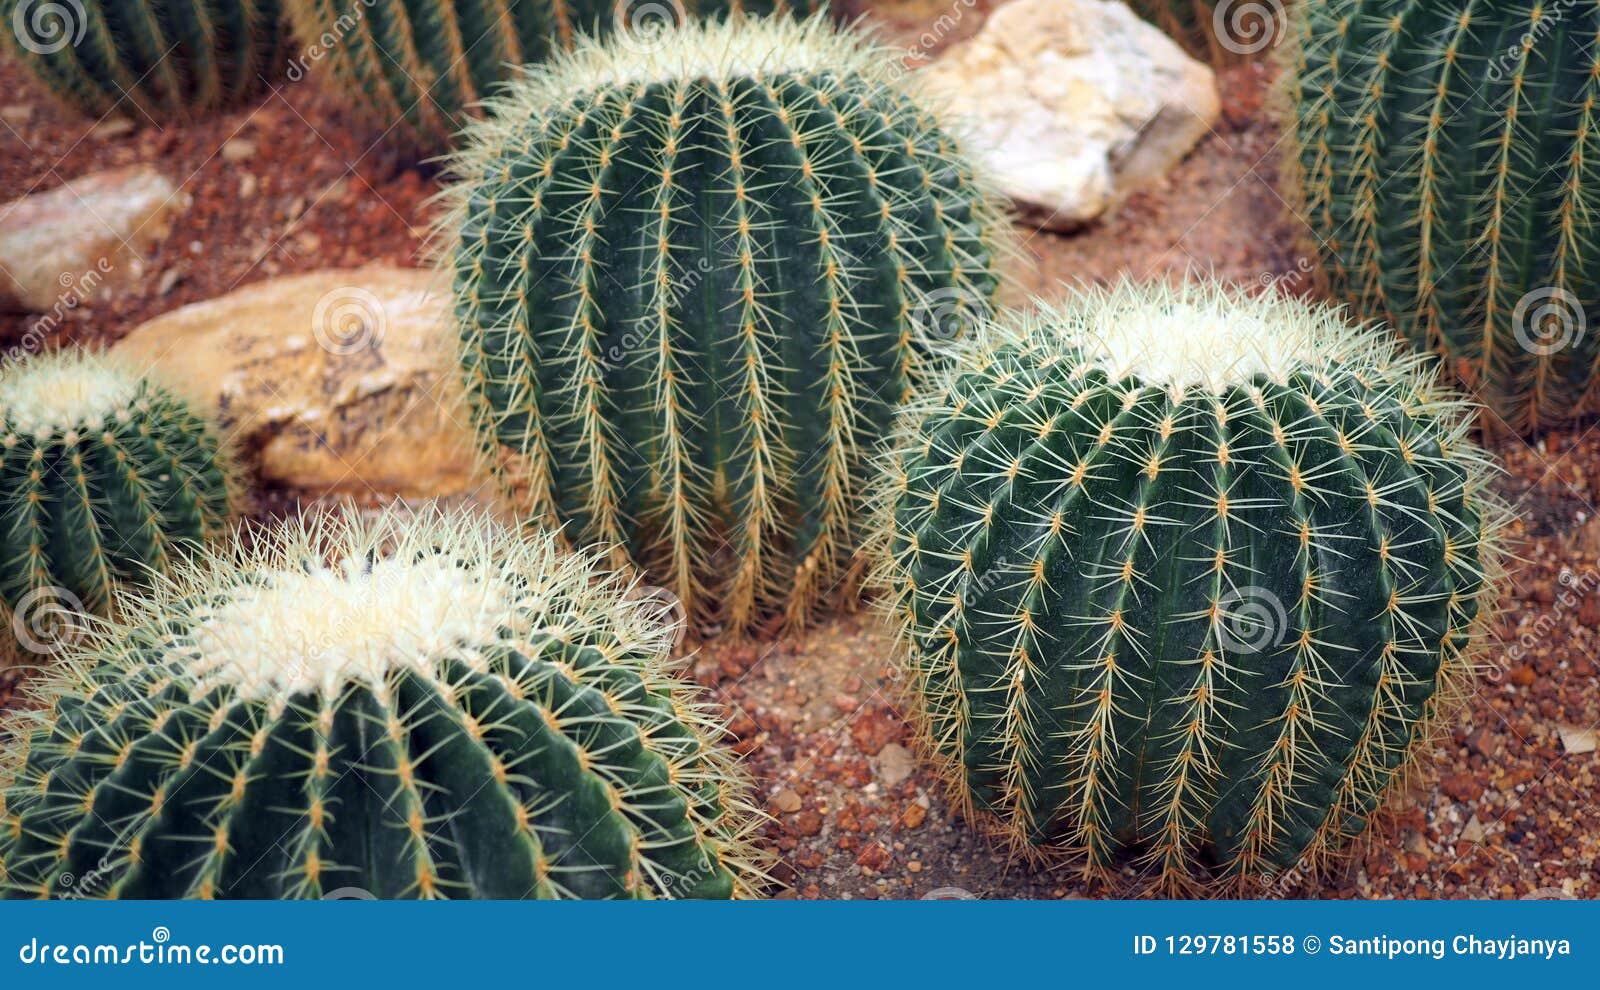 Gouden van vatcactus of Echinocactus grusonii in de botanische tuin Sluit van omhoog ronde groene cactaceae met aren Echinocactu